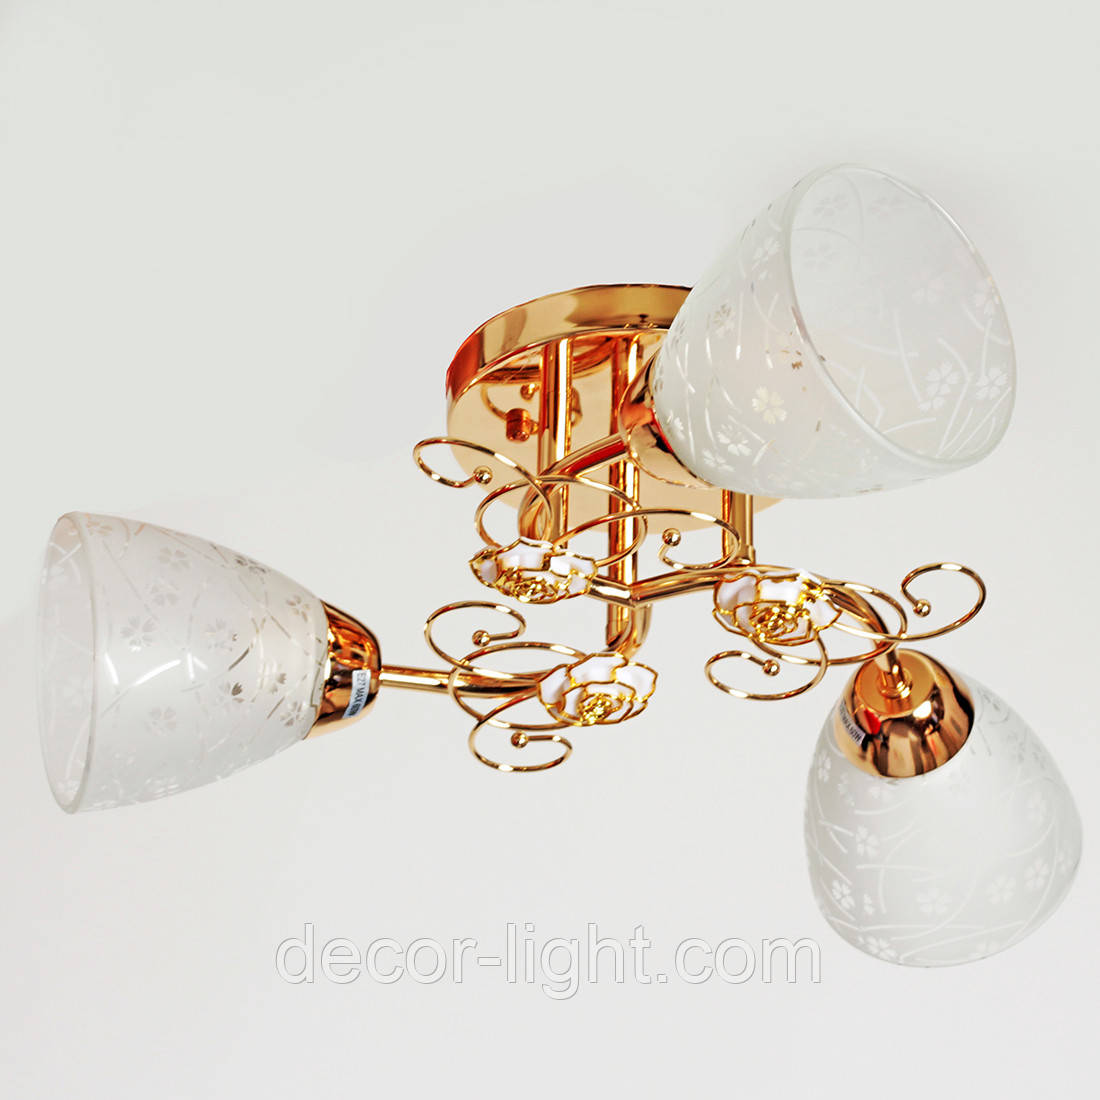 Люстра потолочная 3-х ламповая в золоте в спальню, коридор  SH-7090/3 FG